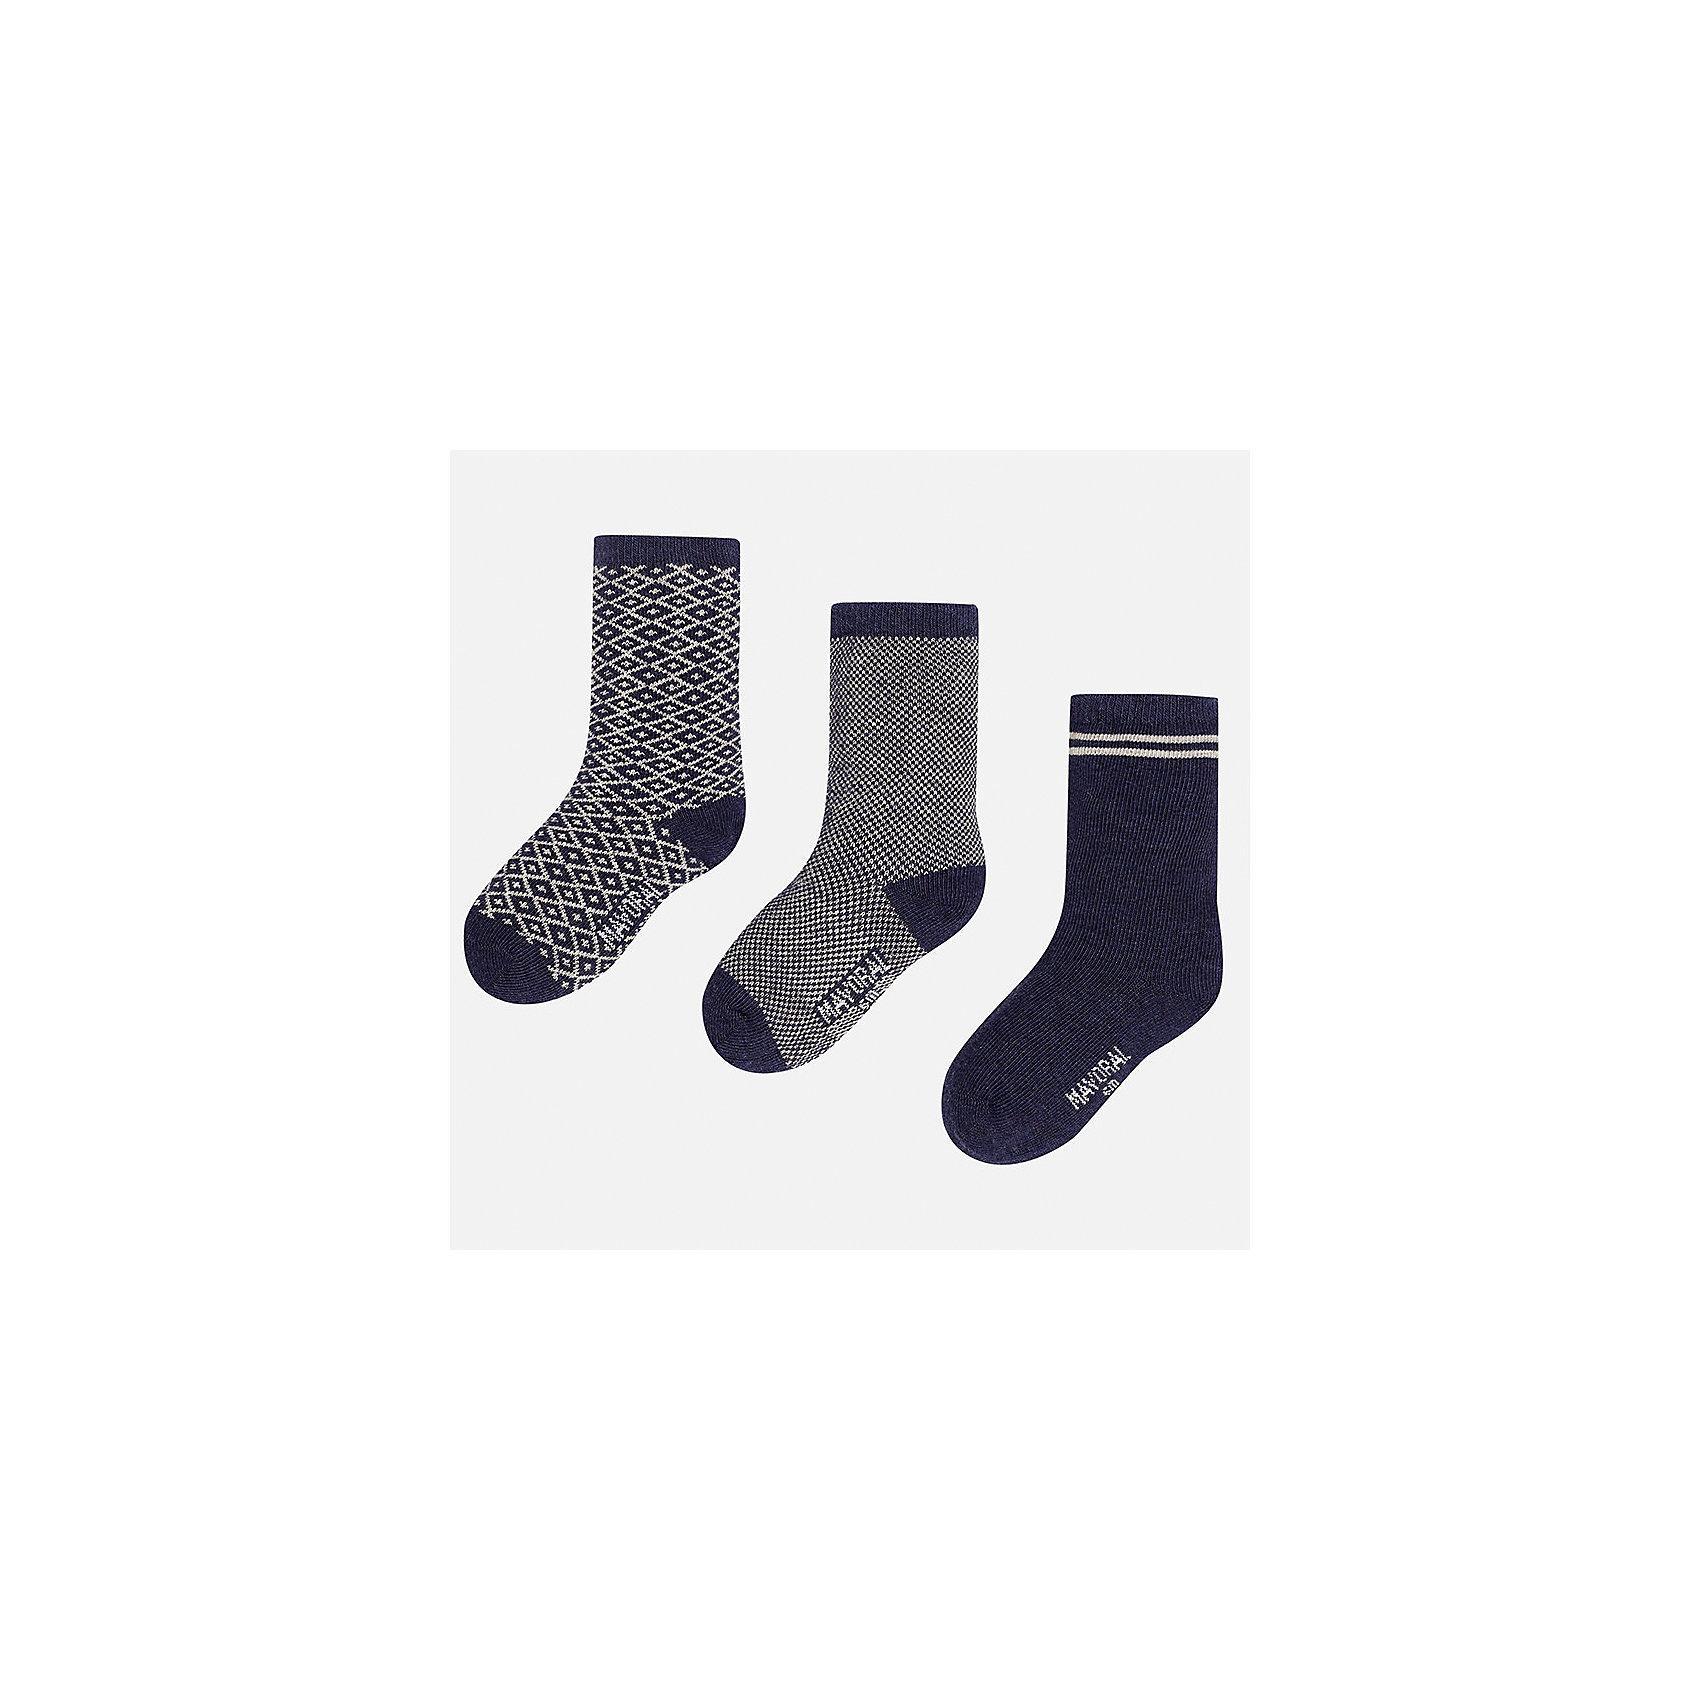 Носки (3 пары) для мальчика MayoralНоски<br>Характеристики товара:<br><br>• цвет: синий<br>• состав ткани: 75% хлопок, 22% полиамид, 3% эластан<br>• сезон: круглый год<br>• комплектация: 3 пары<br>• страна бренда: Испания<br>• страна изготовитель: Индия<br><br>Удобные носки для мальчика от популярного бренда Mayoral отличаются сдержанным декором. Детские носки смотрятся аккуратно и нарядно. В таких носках для детей от испанской компании Майорал ребенок будет выглядеть модно, а чувствовать себя - комфортно. <br><br>Носки (3 пары) для мальчика Mayoral (Майорал) можно купить в нашем интернет-магазине.<br><br>Ширина мм: 87<br>Глубина мм: 10<br>Высота мм: 105<br>Вес г: 115<br>Цвет: белый<br>Возраст от месяцев: 18<br>Возраст до месяцев: 24<br>Пол: Мужской<br>Возраст: Детский<br>Размер: 22-24,19-22<br>SKU: 6939046